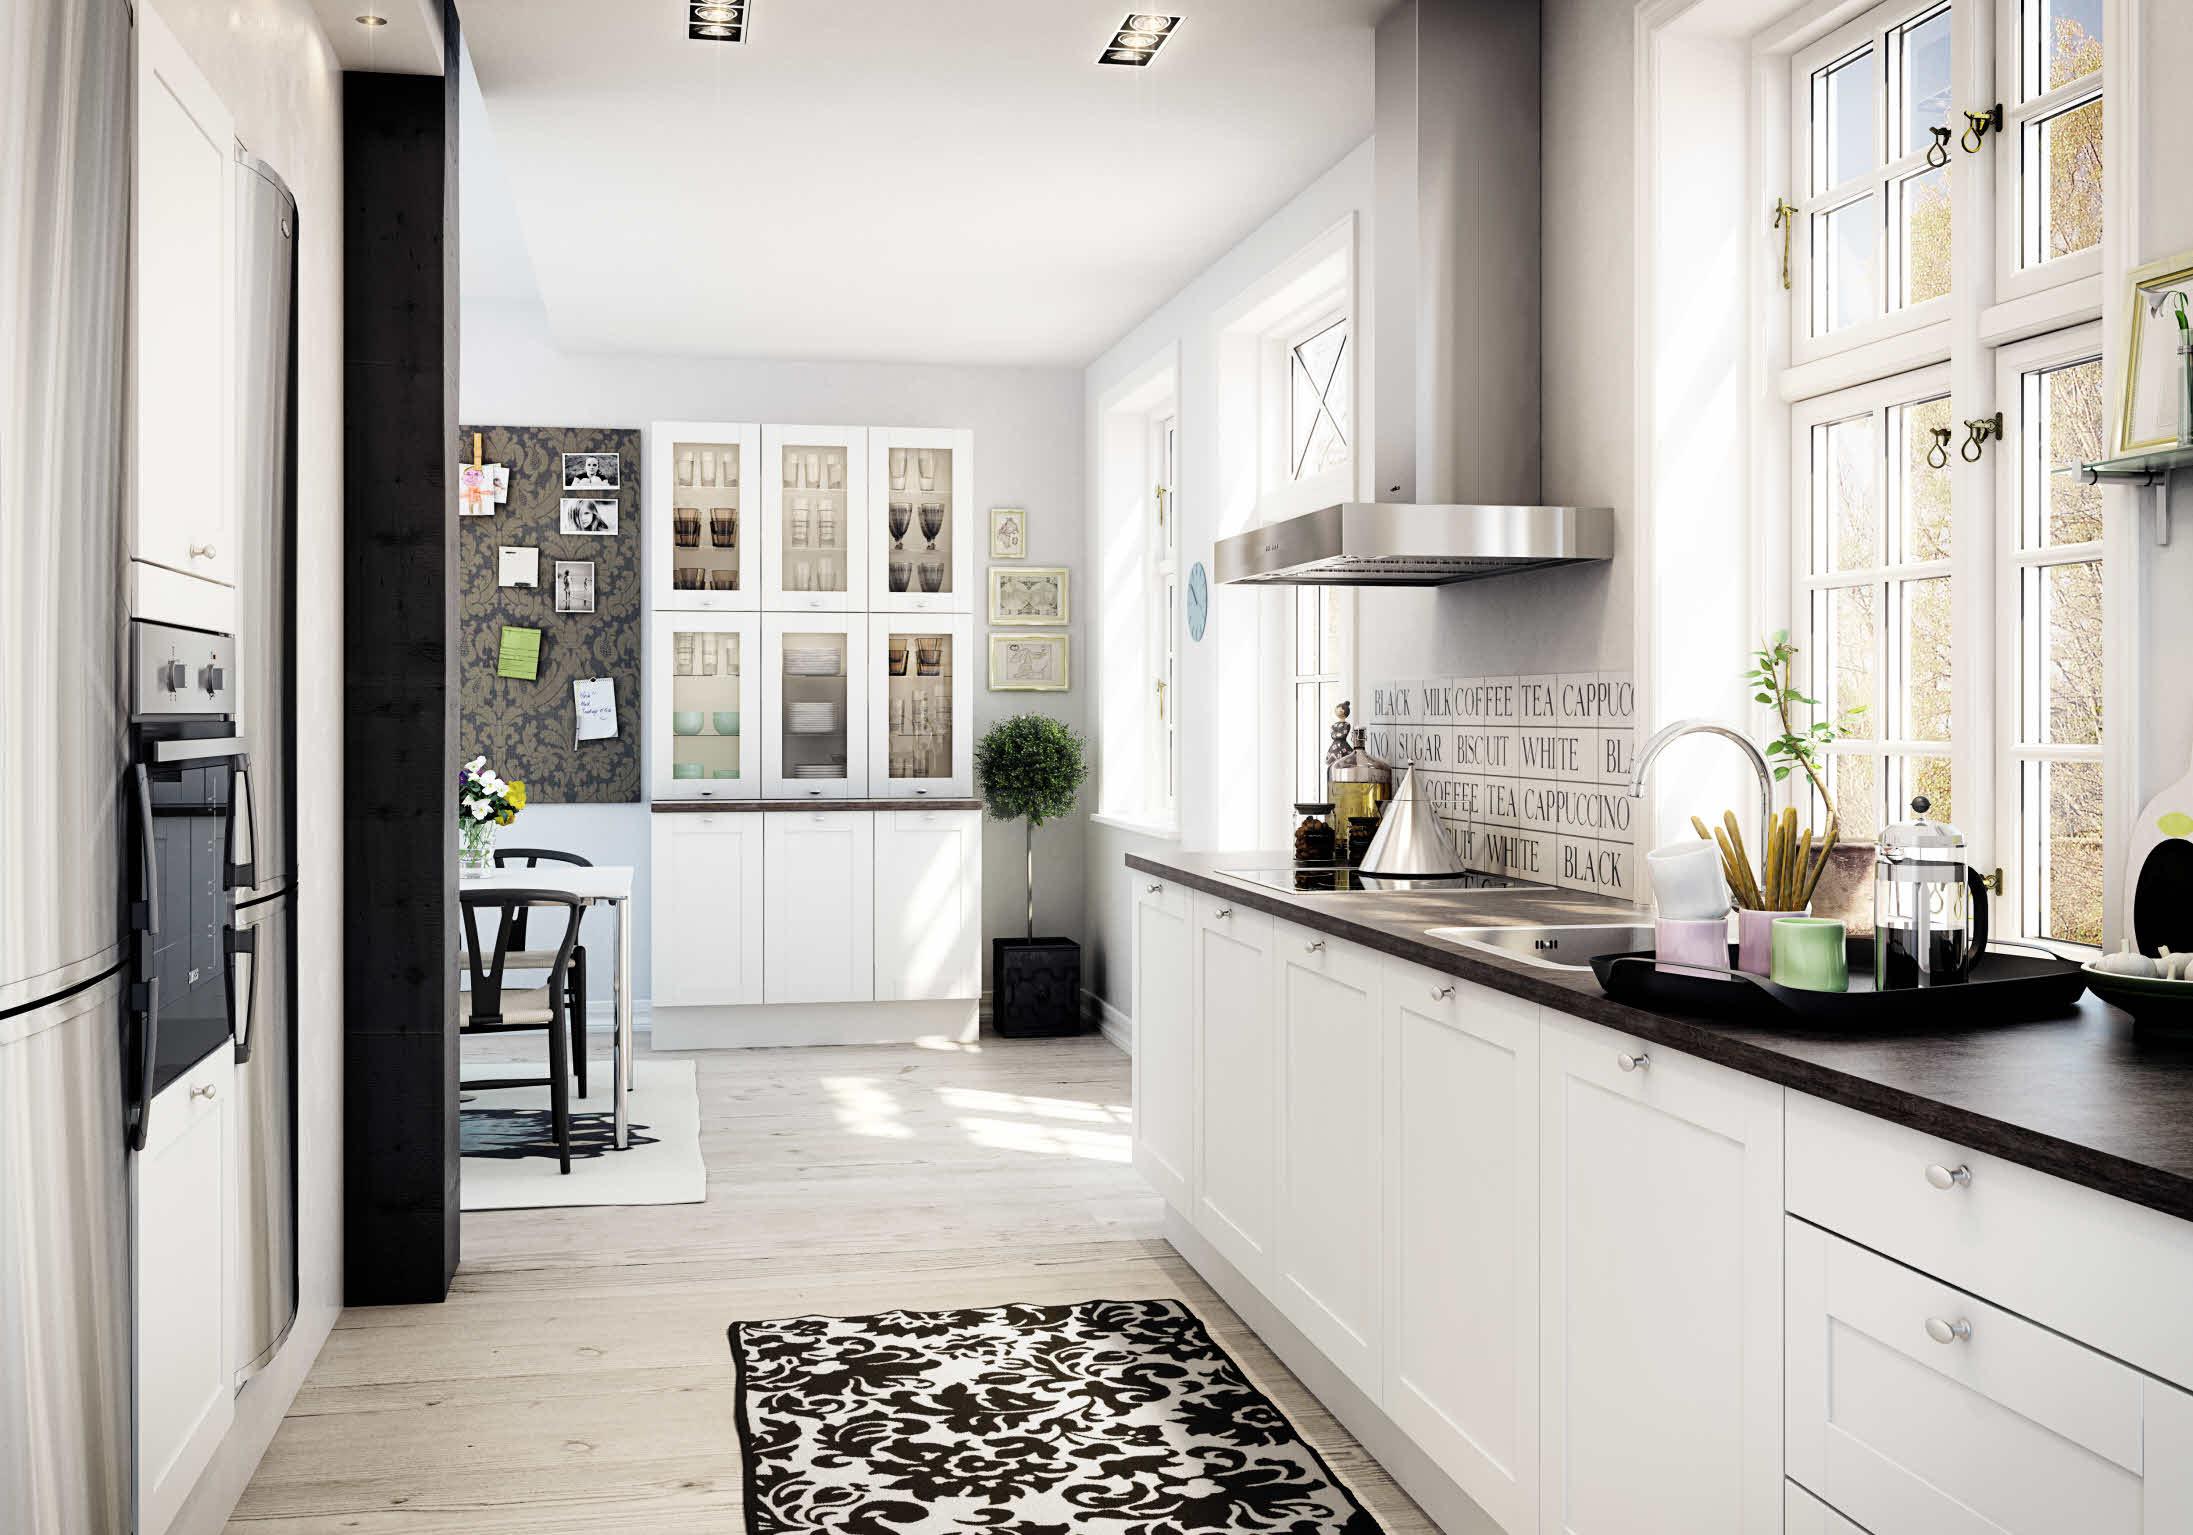 Romanttinen keittiö yksinkertaisine ja tyylikkäine yksityiskohtineen